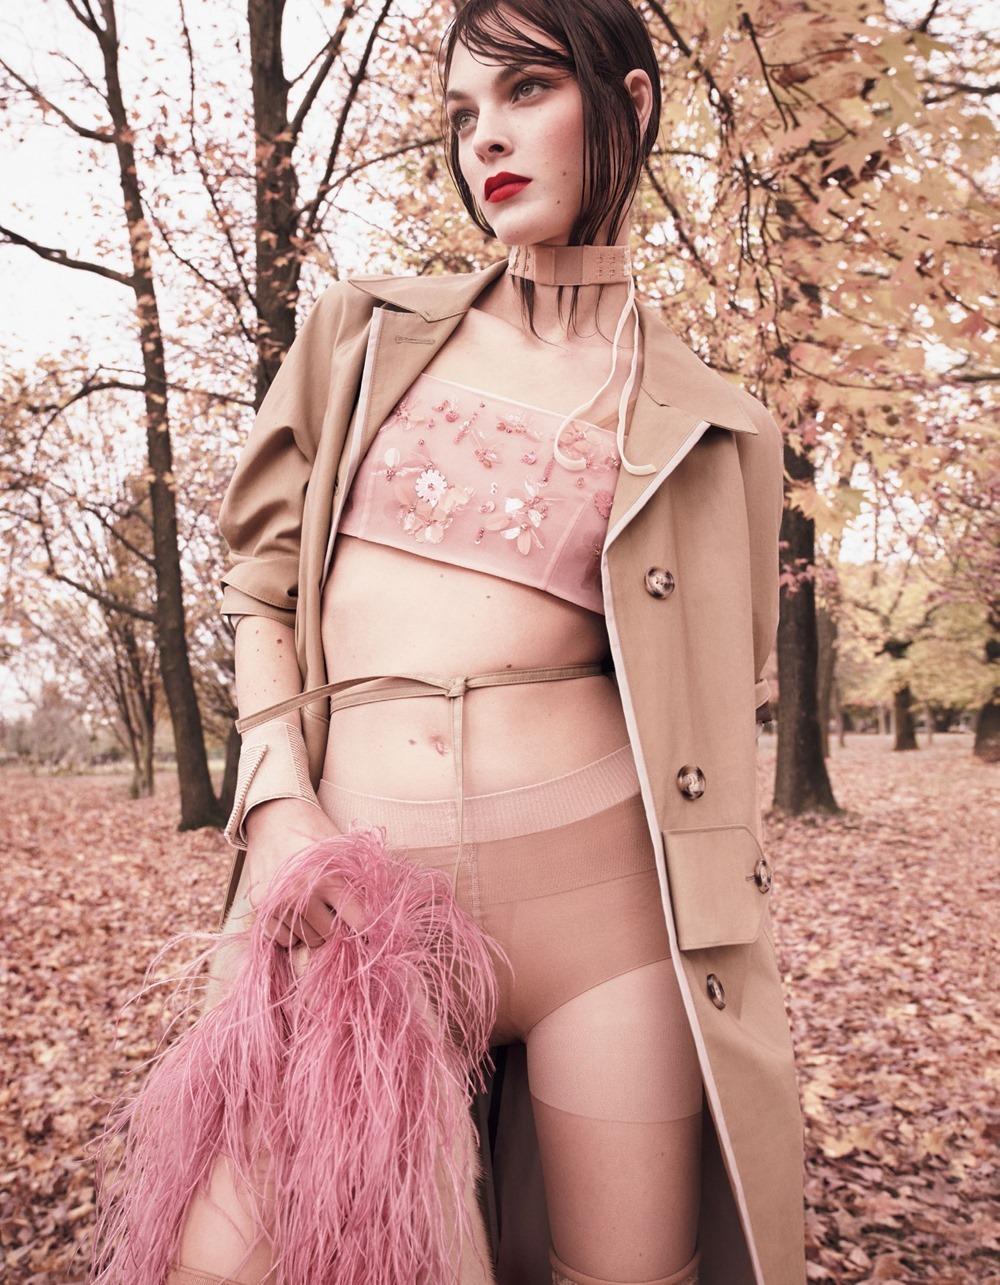 Pussy Vittoria Ceretti nude photos 2019